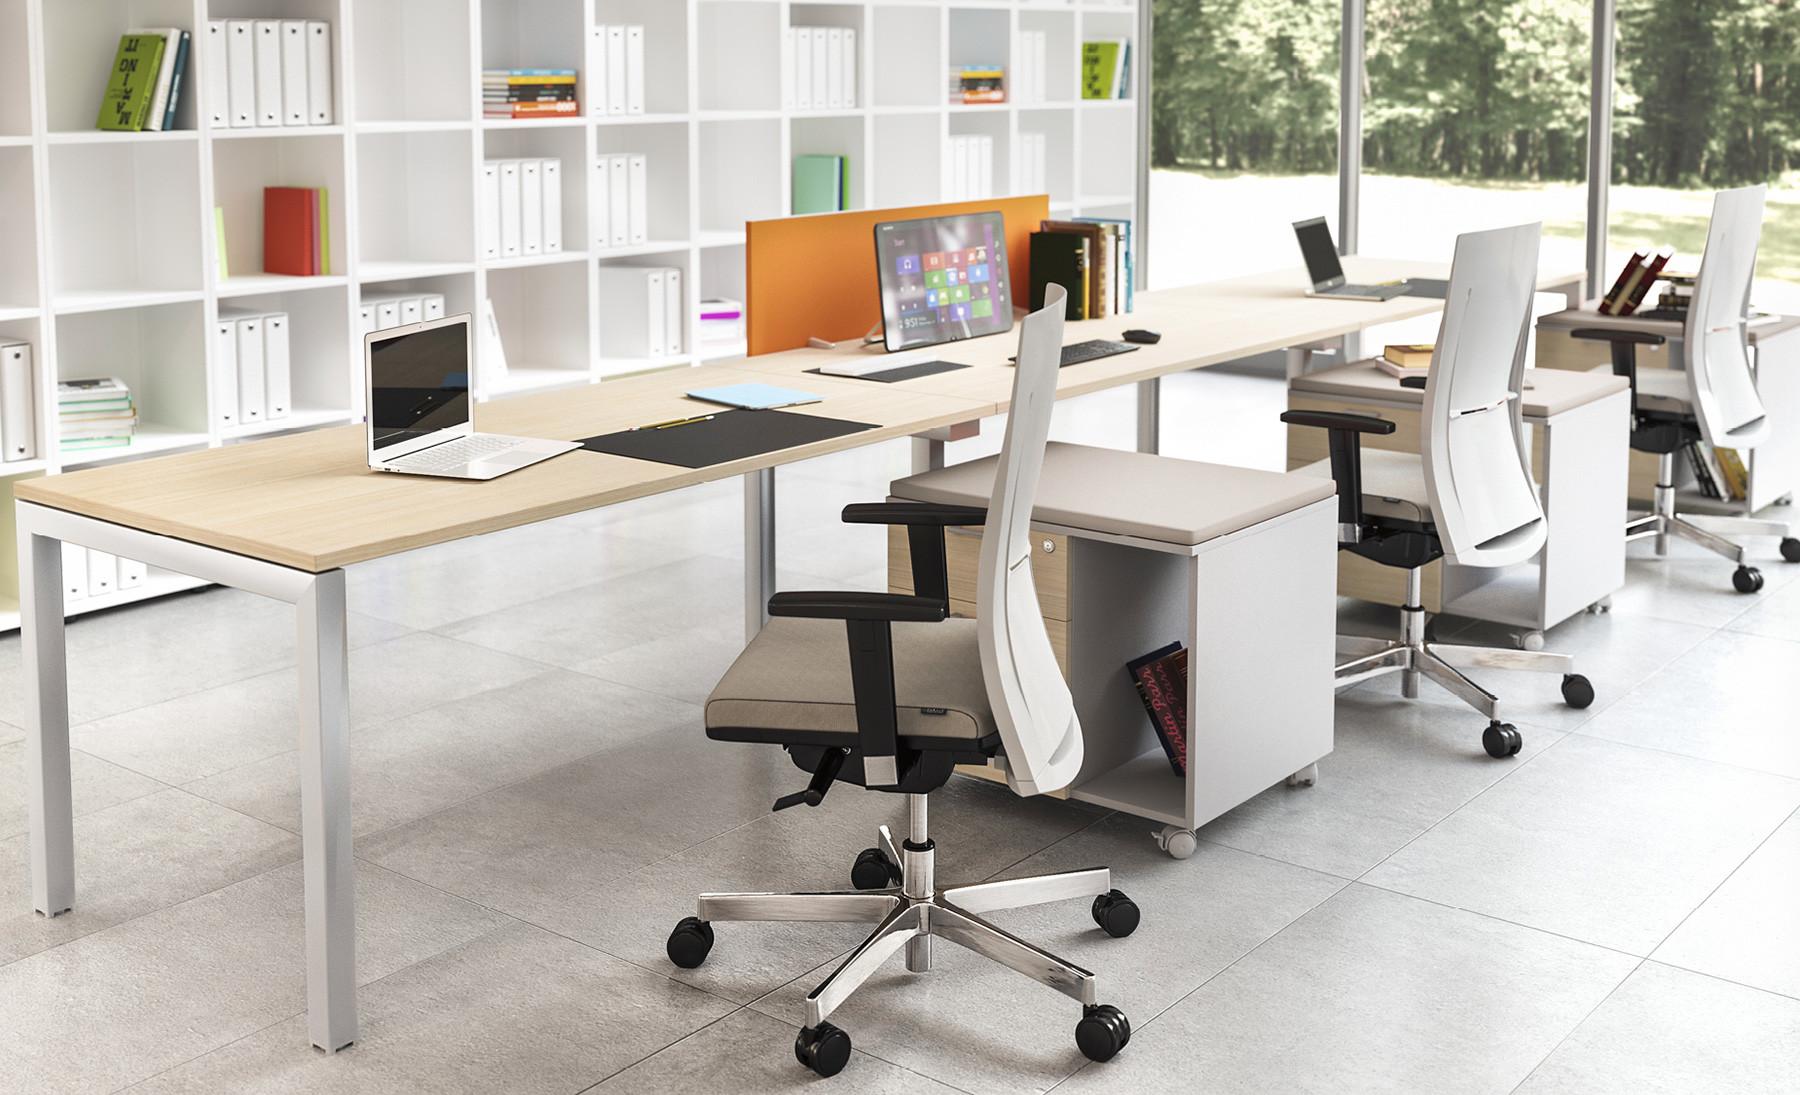 Oxi scrivania operativa modulare contact ufficio roma for Divisori per scrivanie ufficio